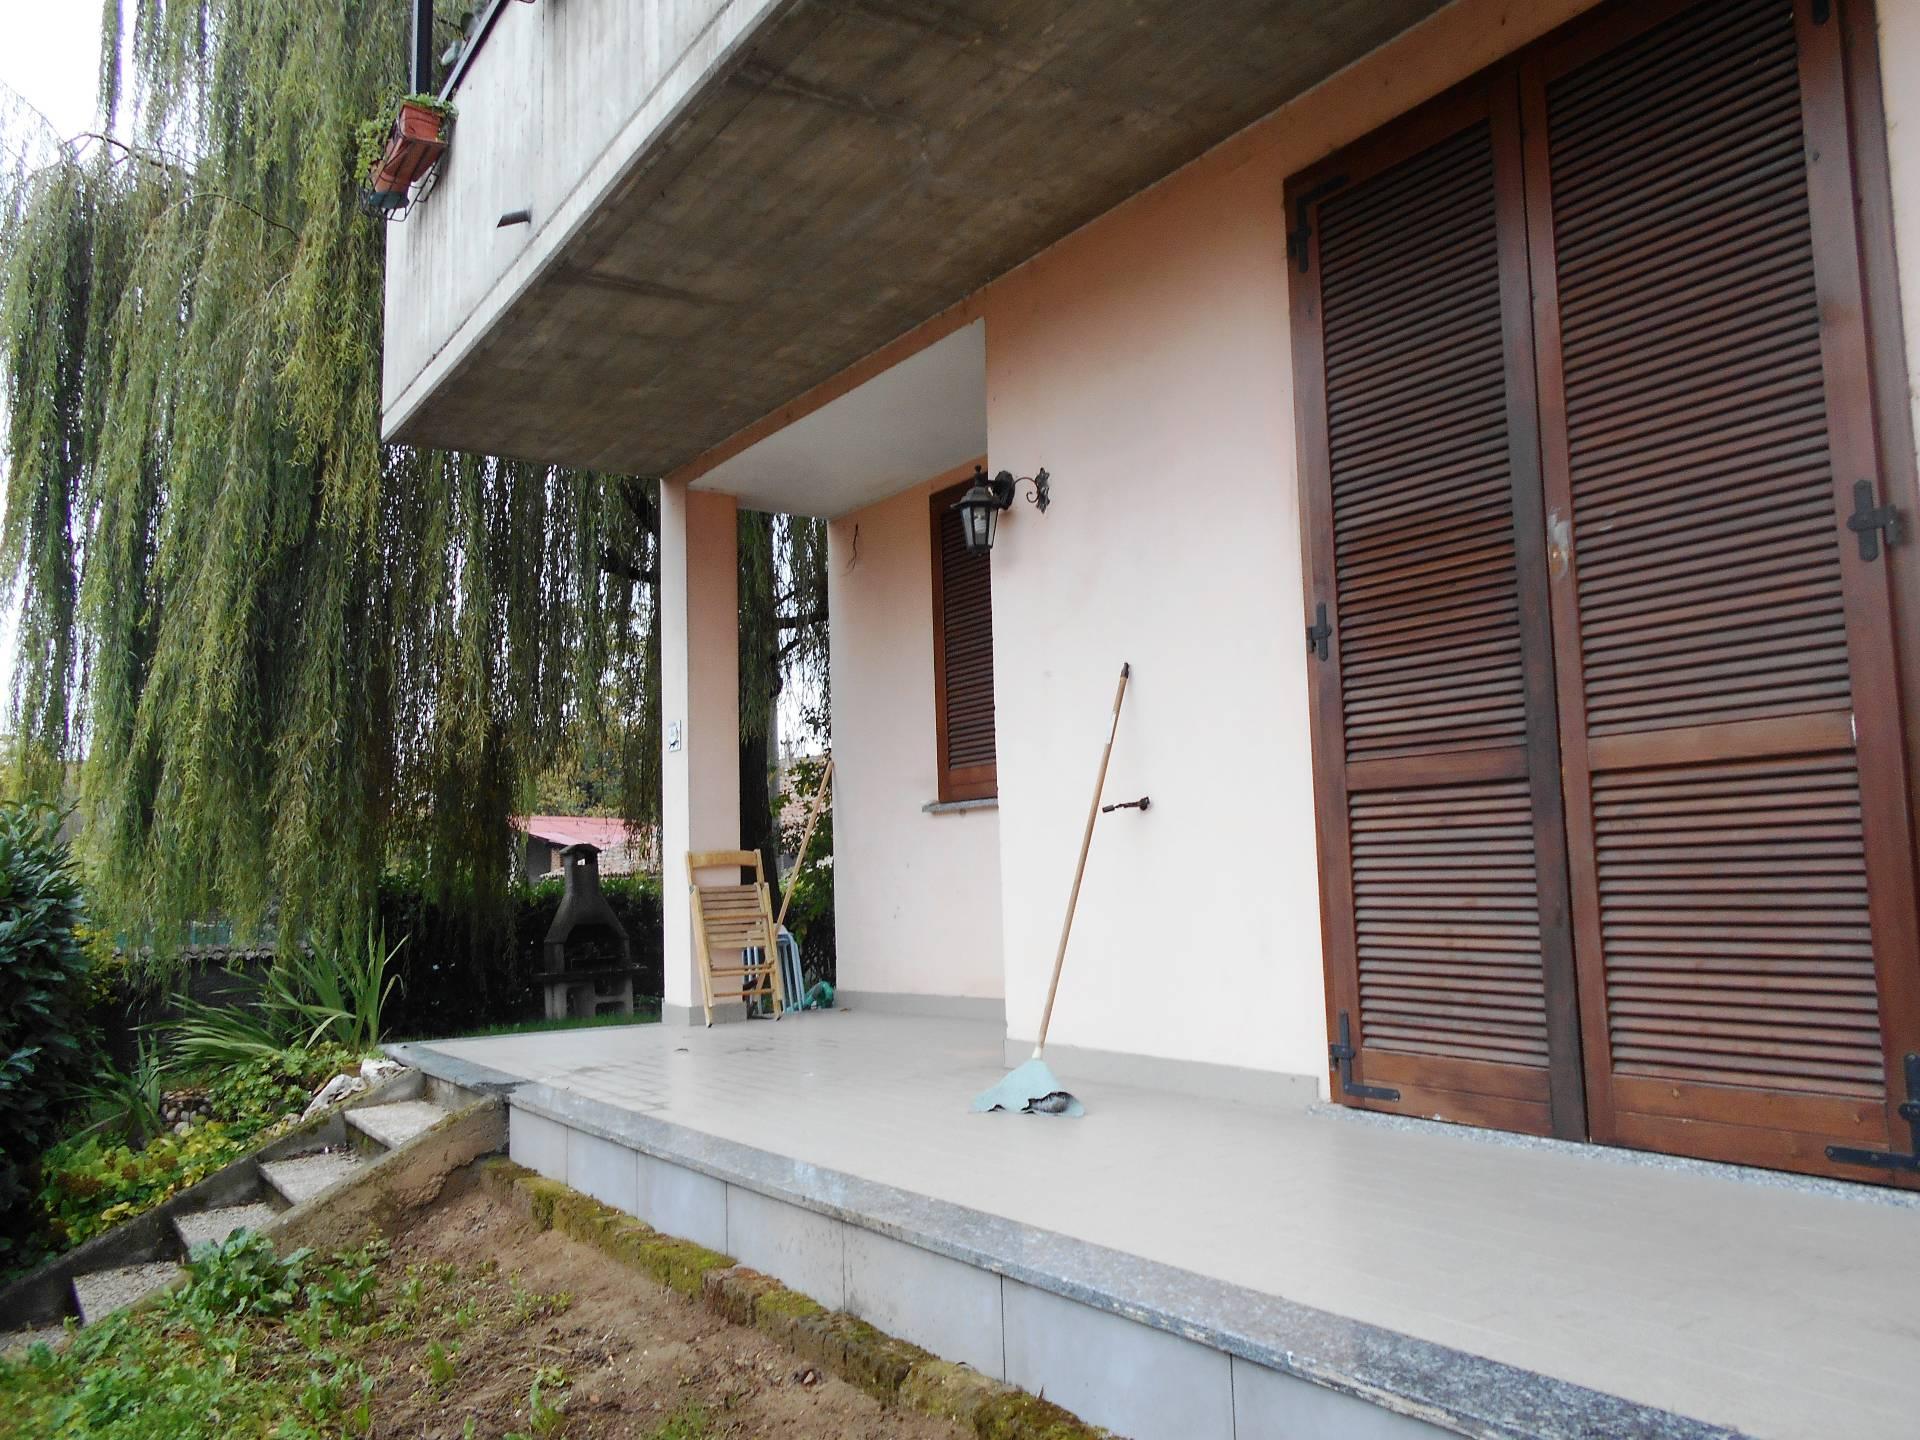 Foto - Appartamento In Vendita Siziano (pv)